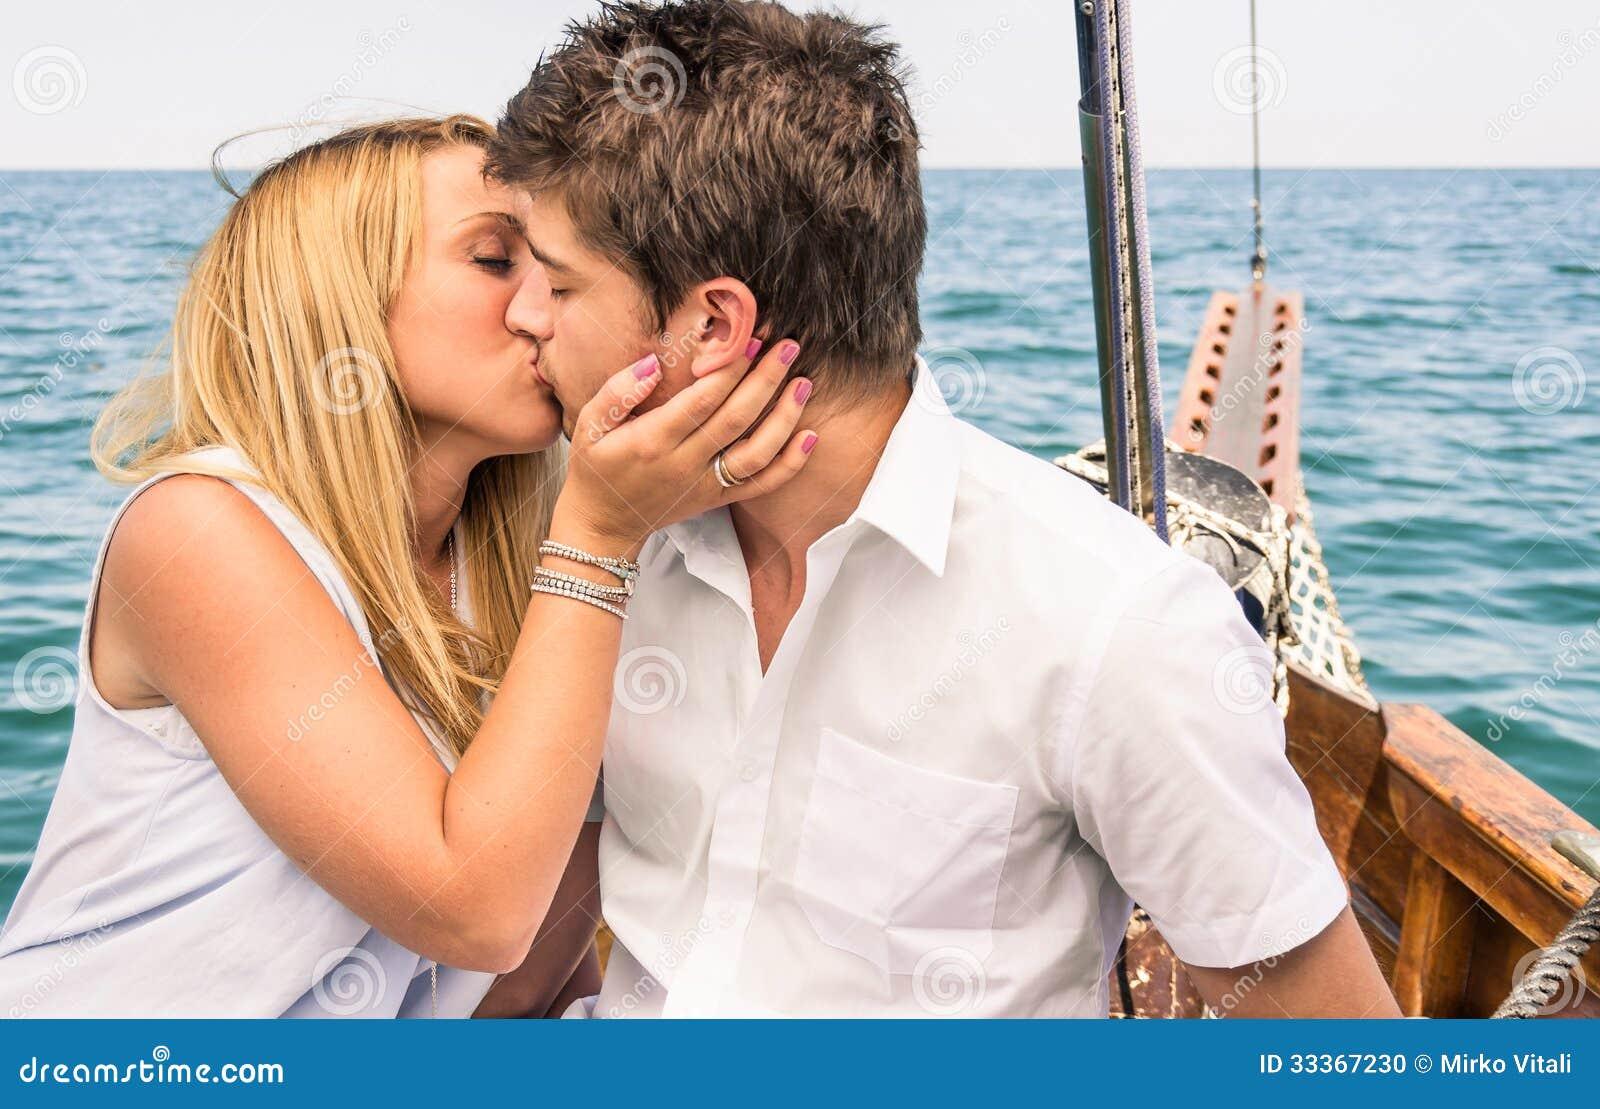 Пары в влюбленности целуя на паруснике в середине моря